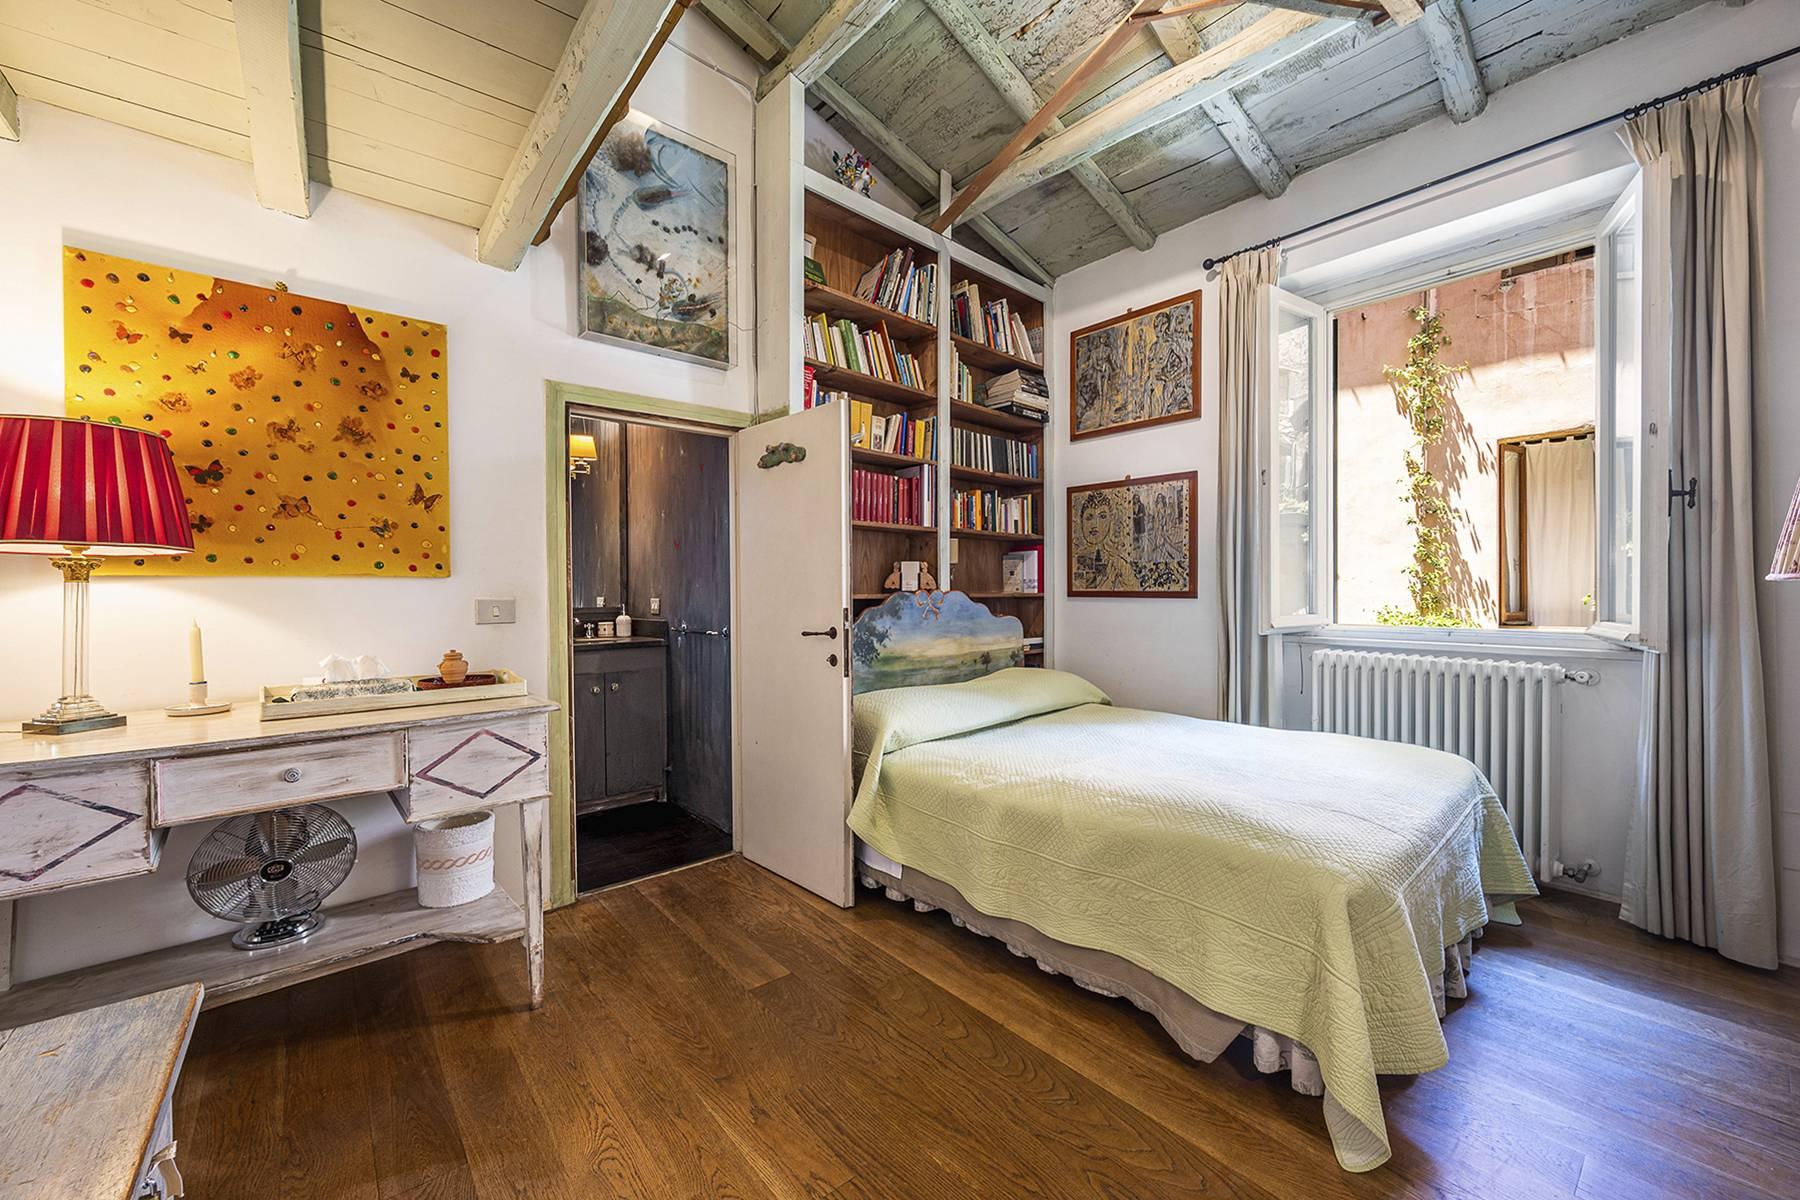 Casa indipendente in Vendita a Roma: 5 locali, 200 mq - Foto 19